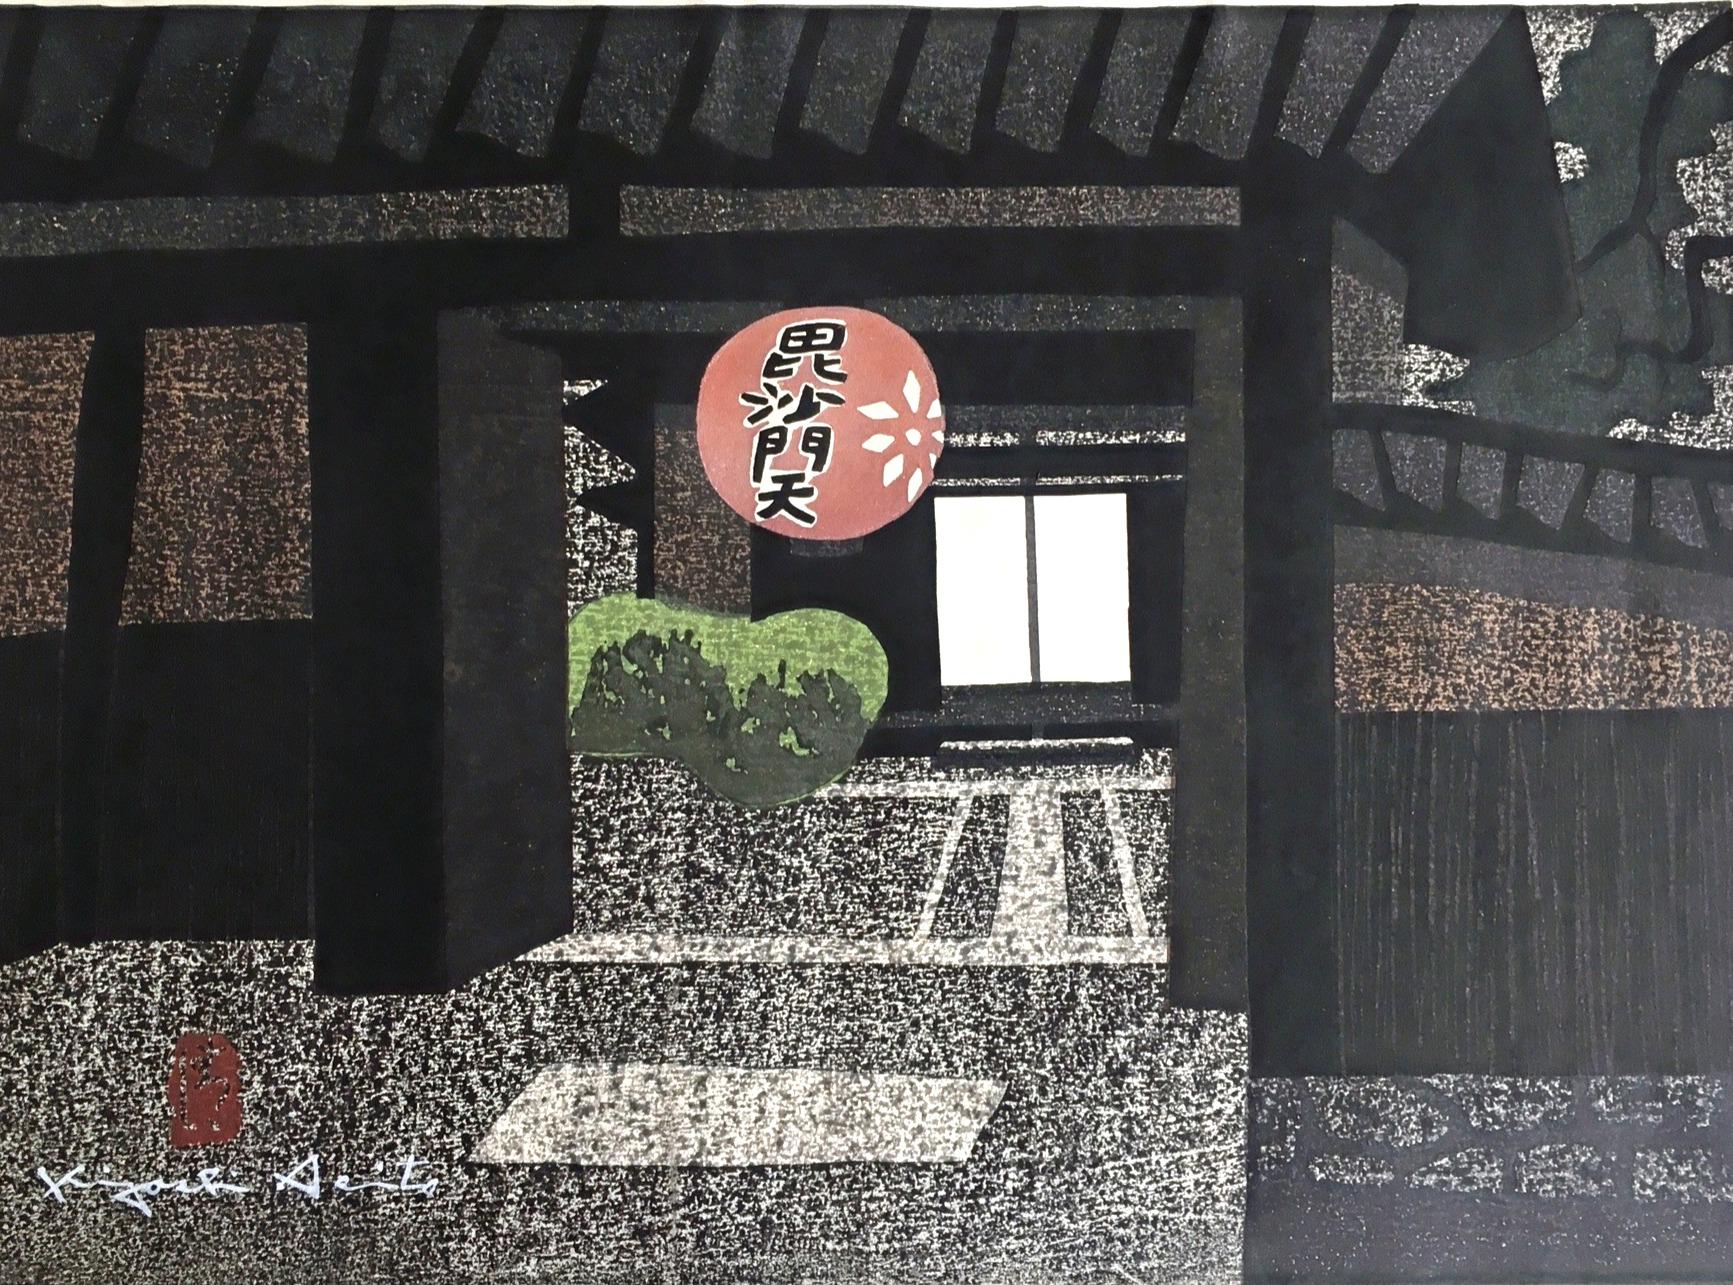 #4025 Bisyamonten - Kyoto